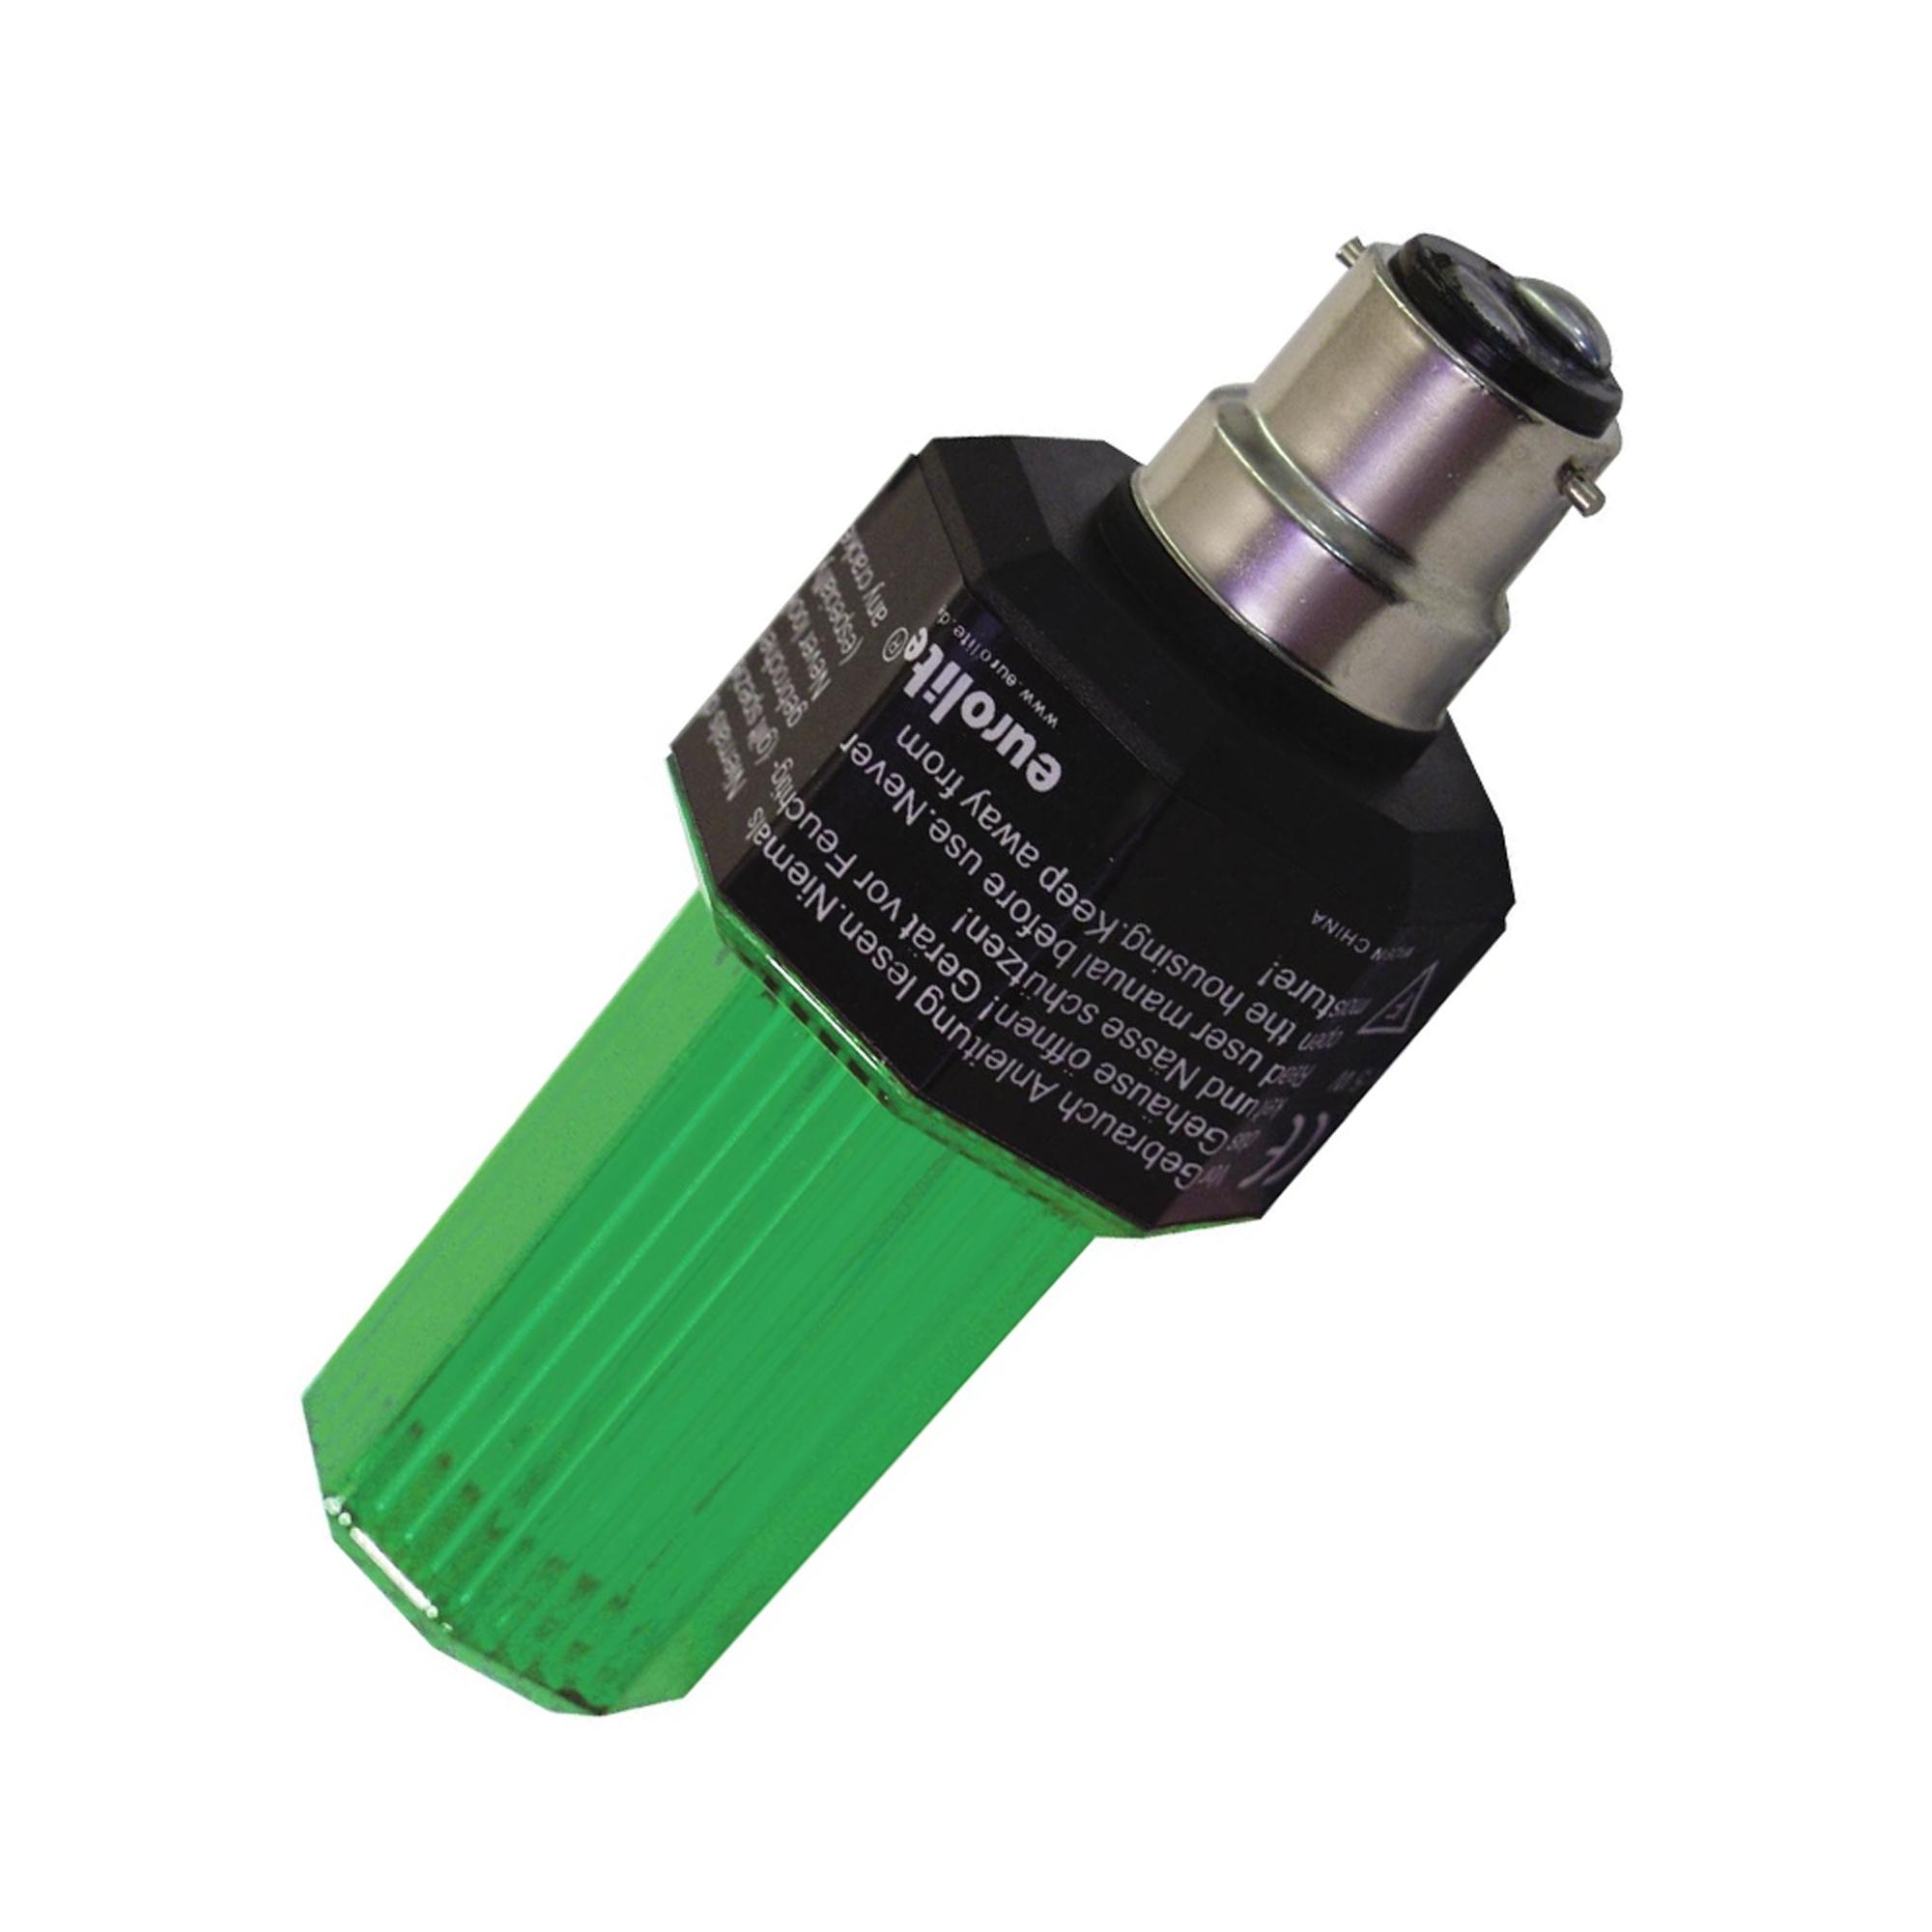 Eurolite Green Strobe Light Bulb with B-22 Base